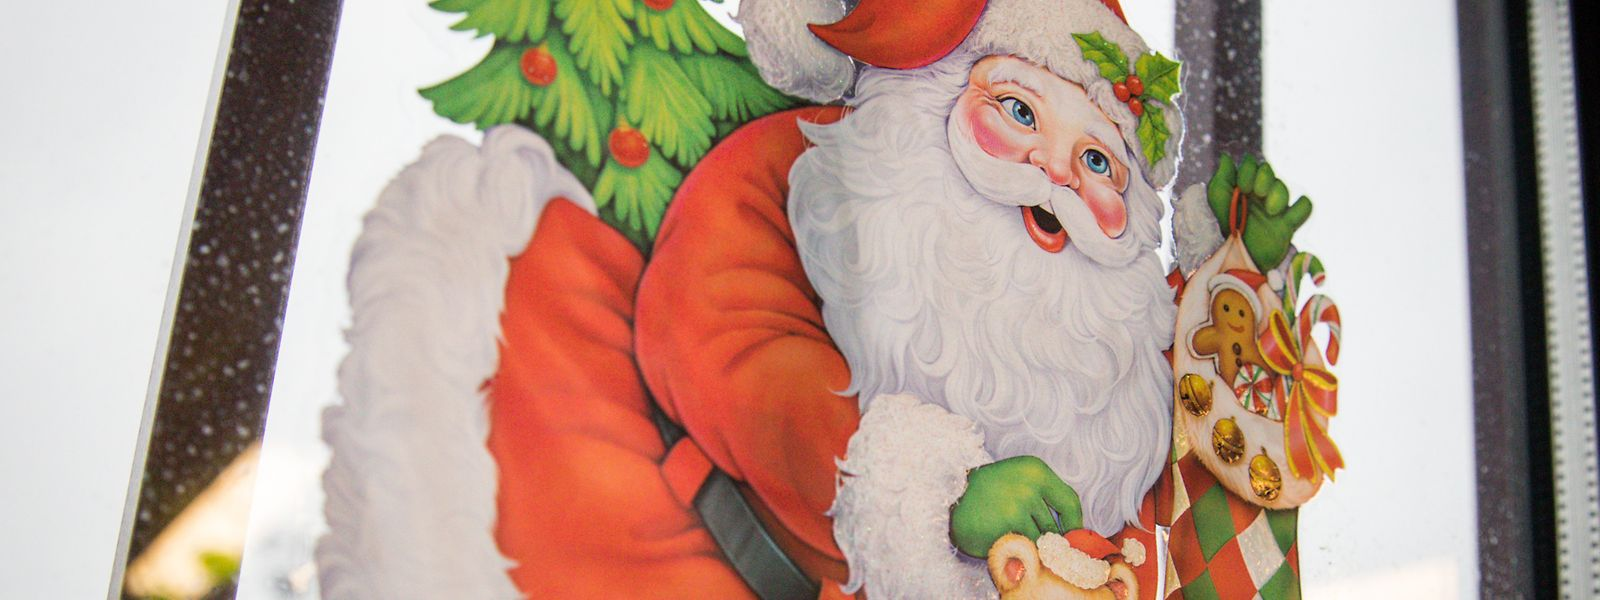 Auch hinter Gittern wird Weihnachten gefeiert.